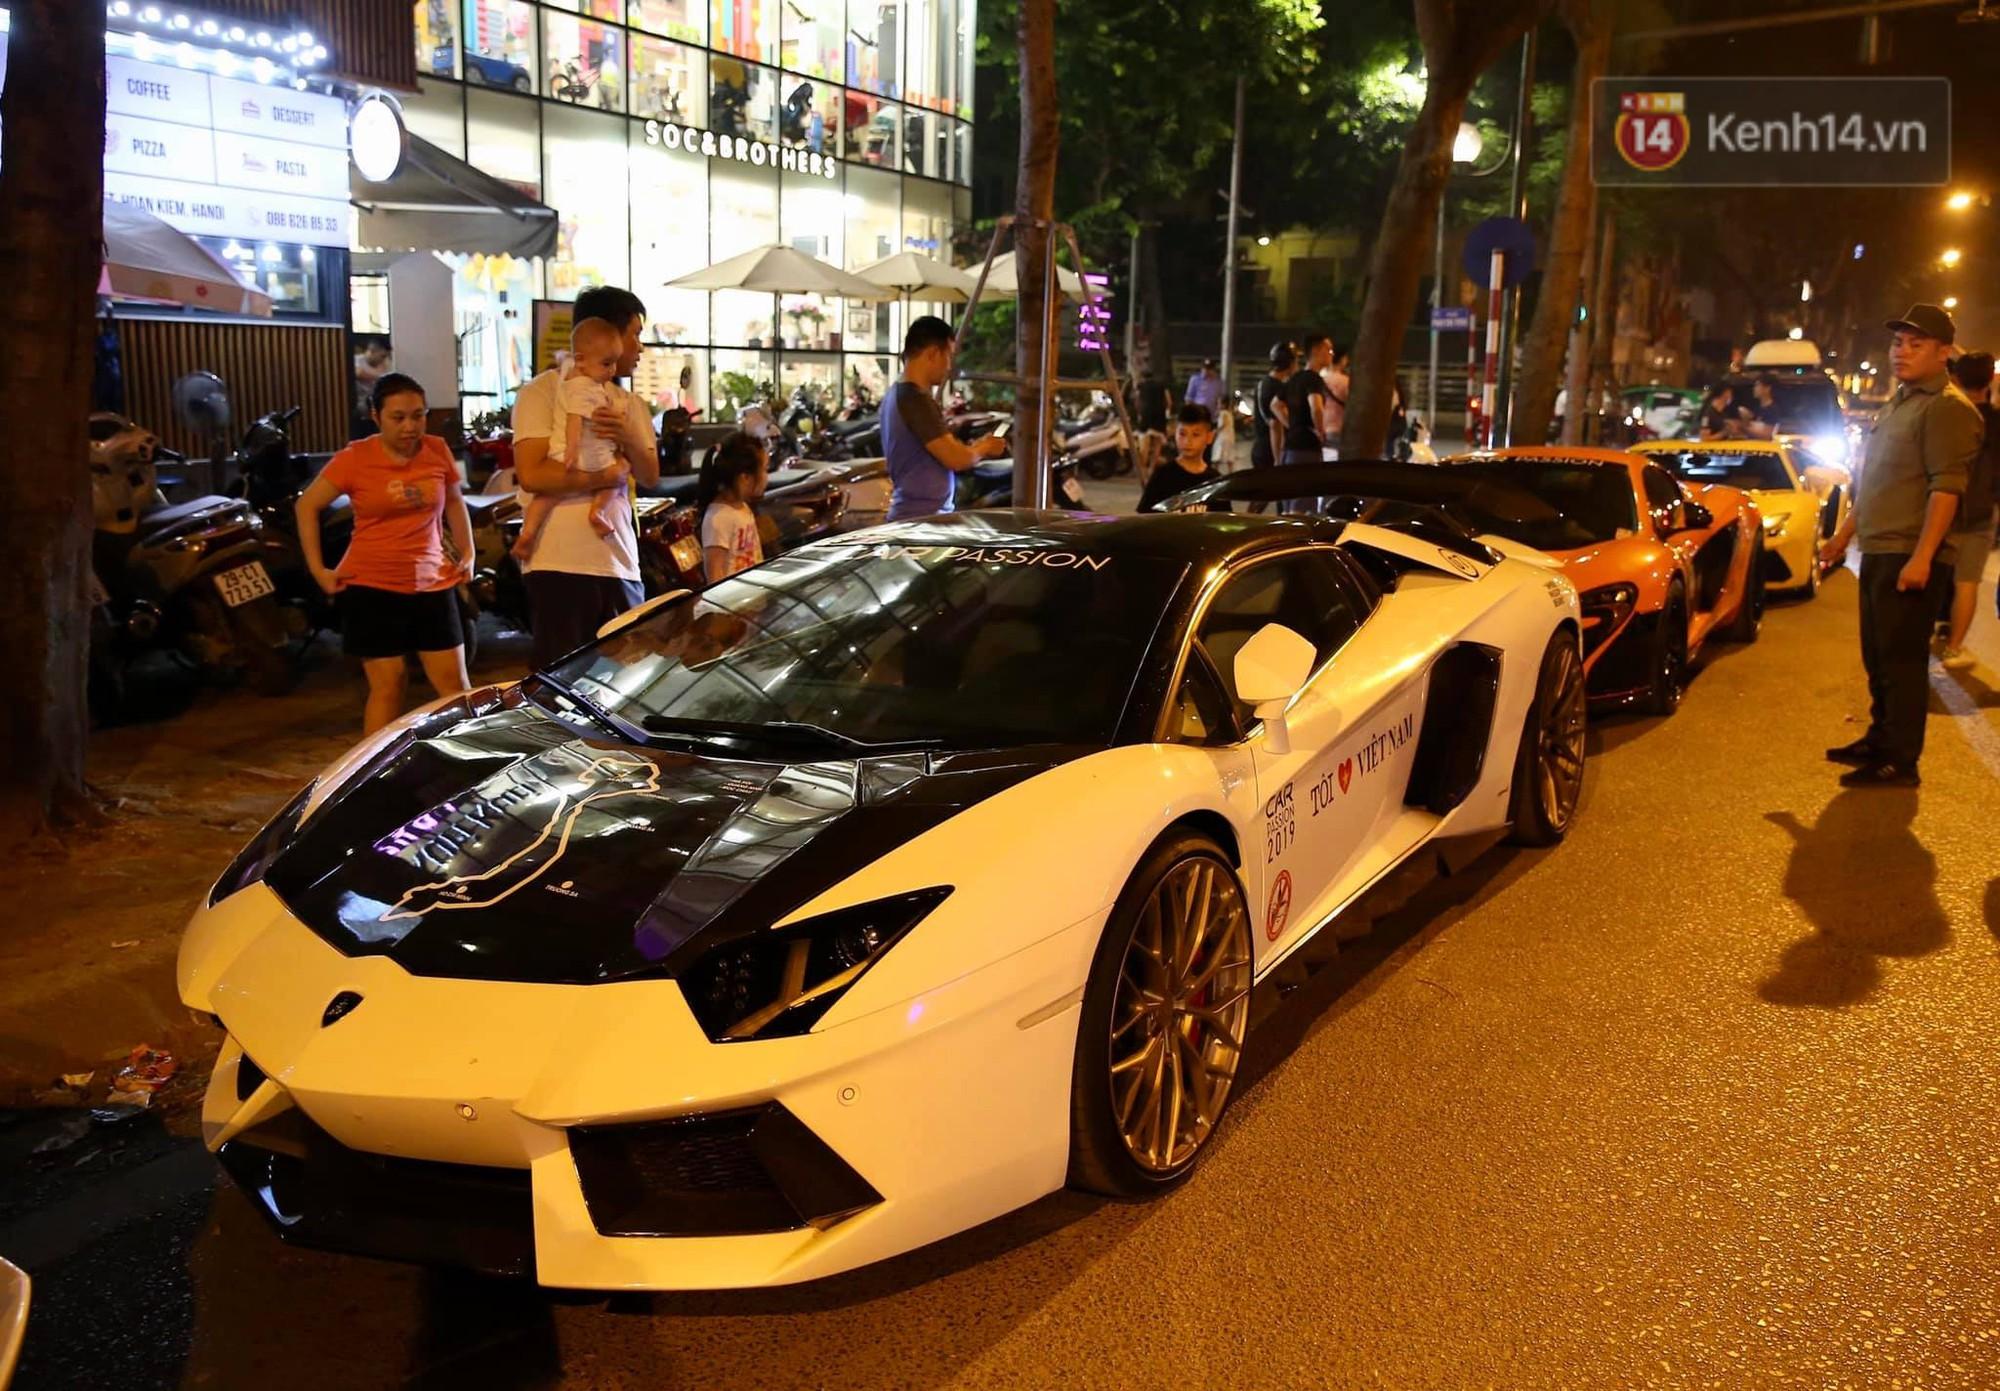 Dàn siêu xe hơn 300 tỷ rầm rộ tụ họp trên đường phố Hà Nội, Cường Đô La và vợ cũng xuất hiện với chiếc Audi R8V10-6